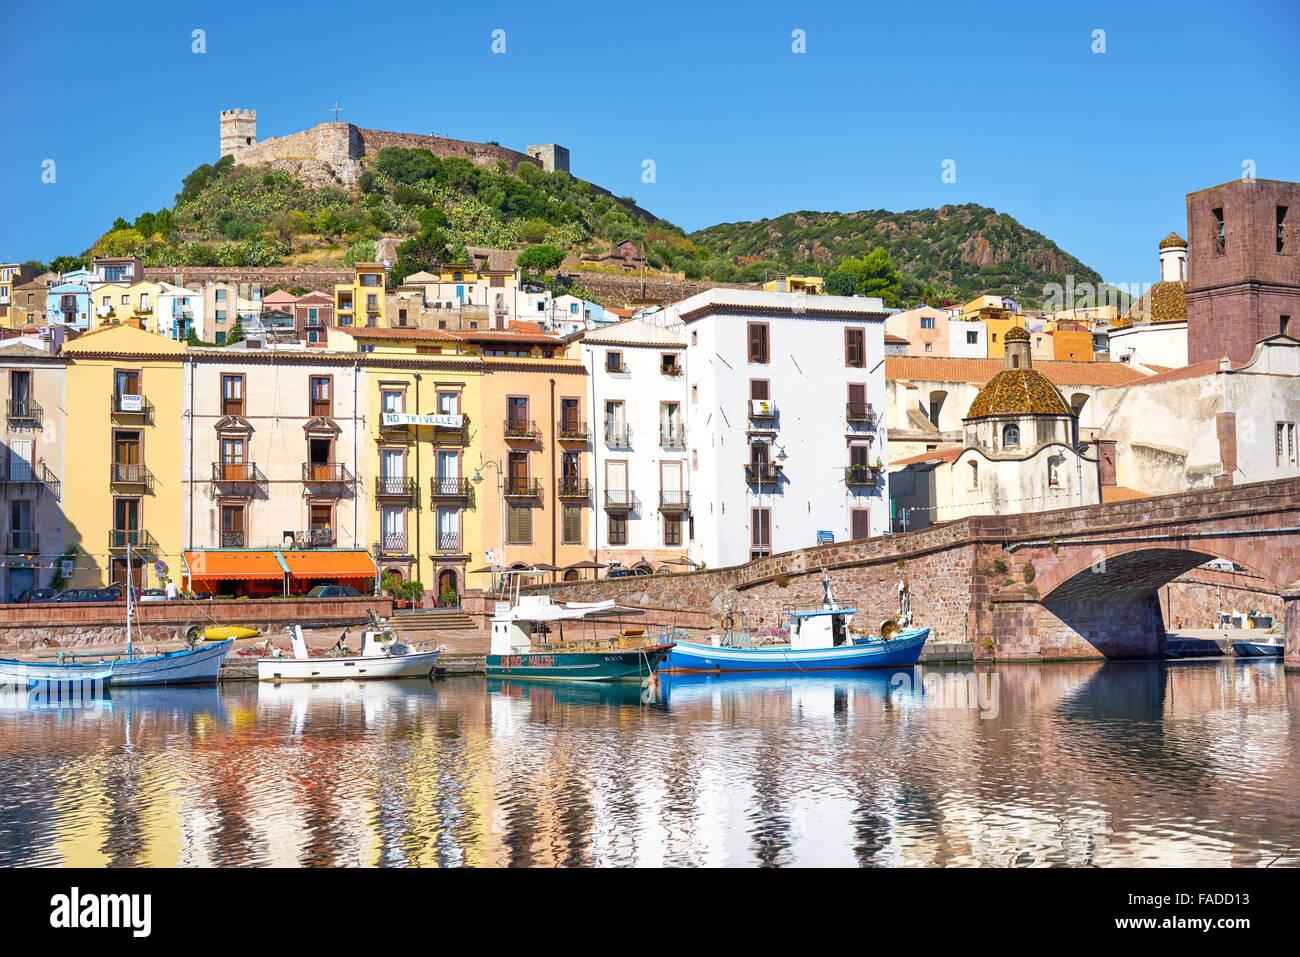 Casco Antiguo de Bosa, vistas al castillo Malaspina, Riviera del Corallo, Sardegna (Cerdeña, Italia) Foto de stock